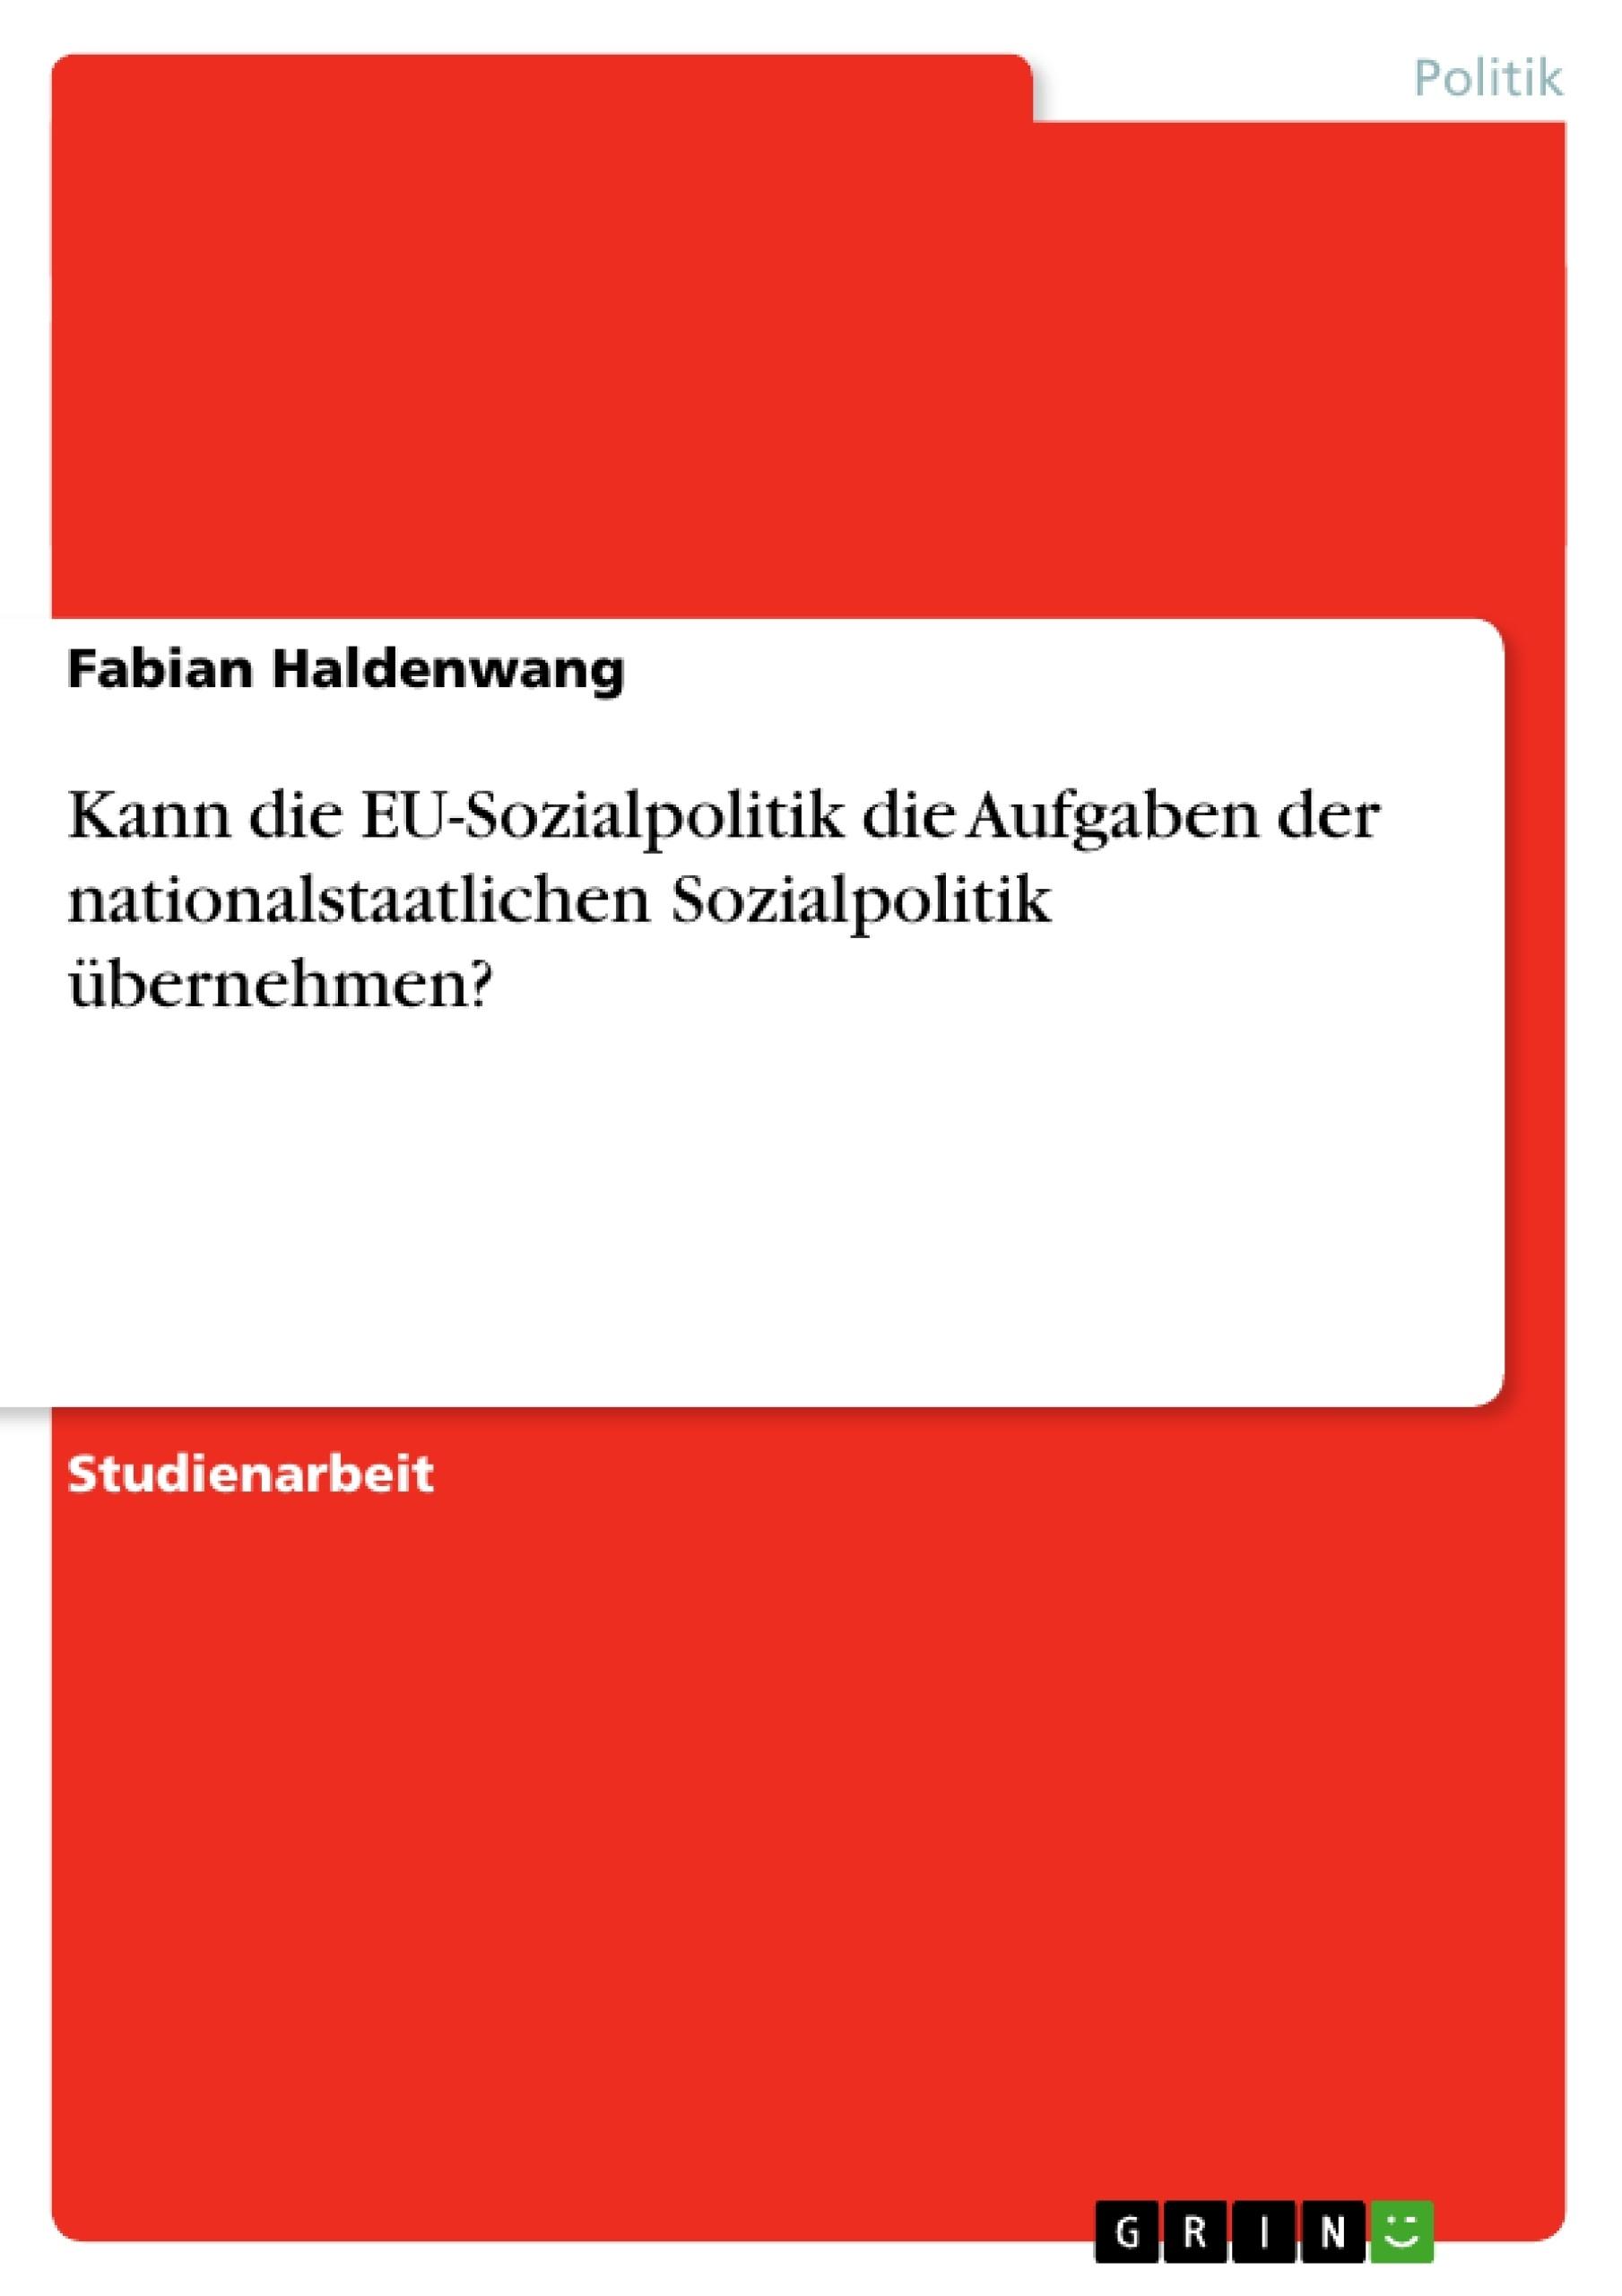 Titel: Kann die EU-Sozialpolitik die Aufgaben der nationalstaatlichen Sozialpolitik übernehmen?